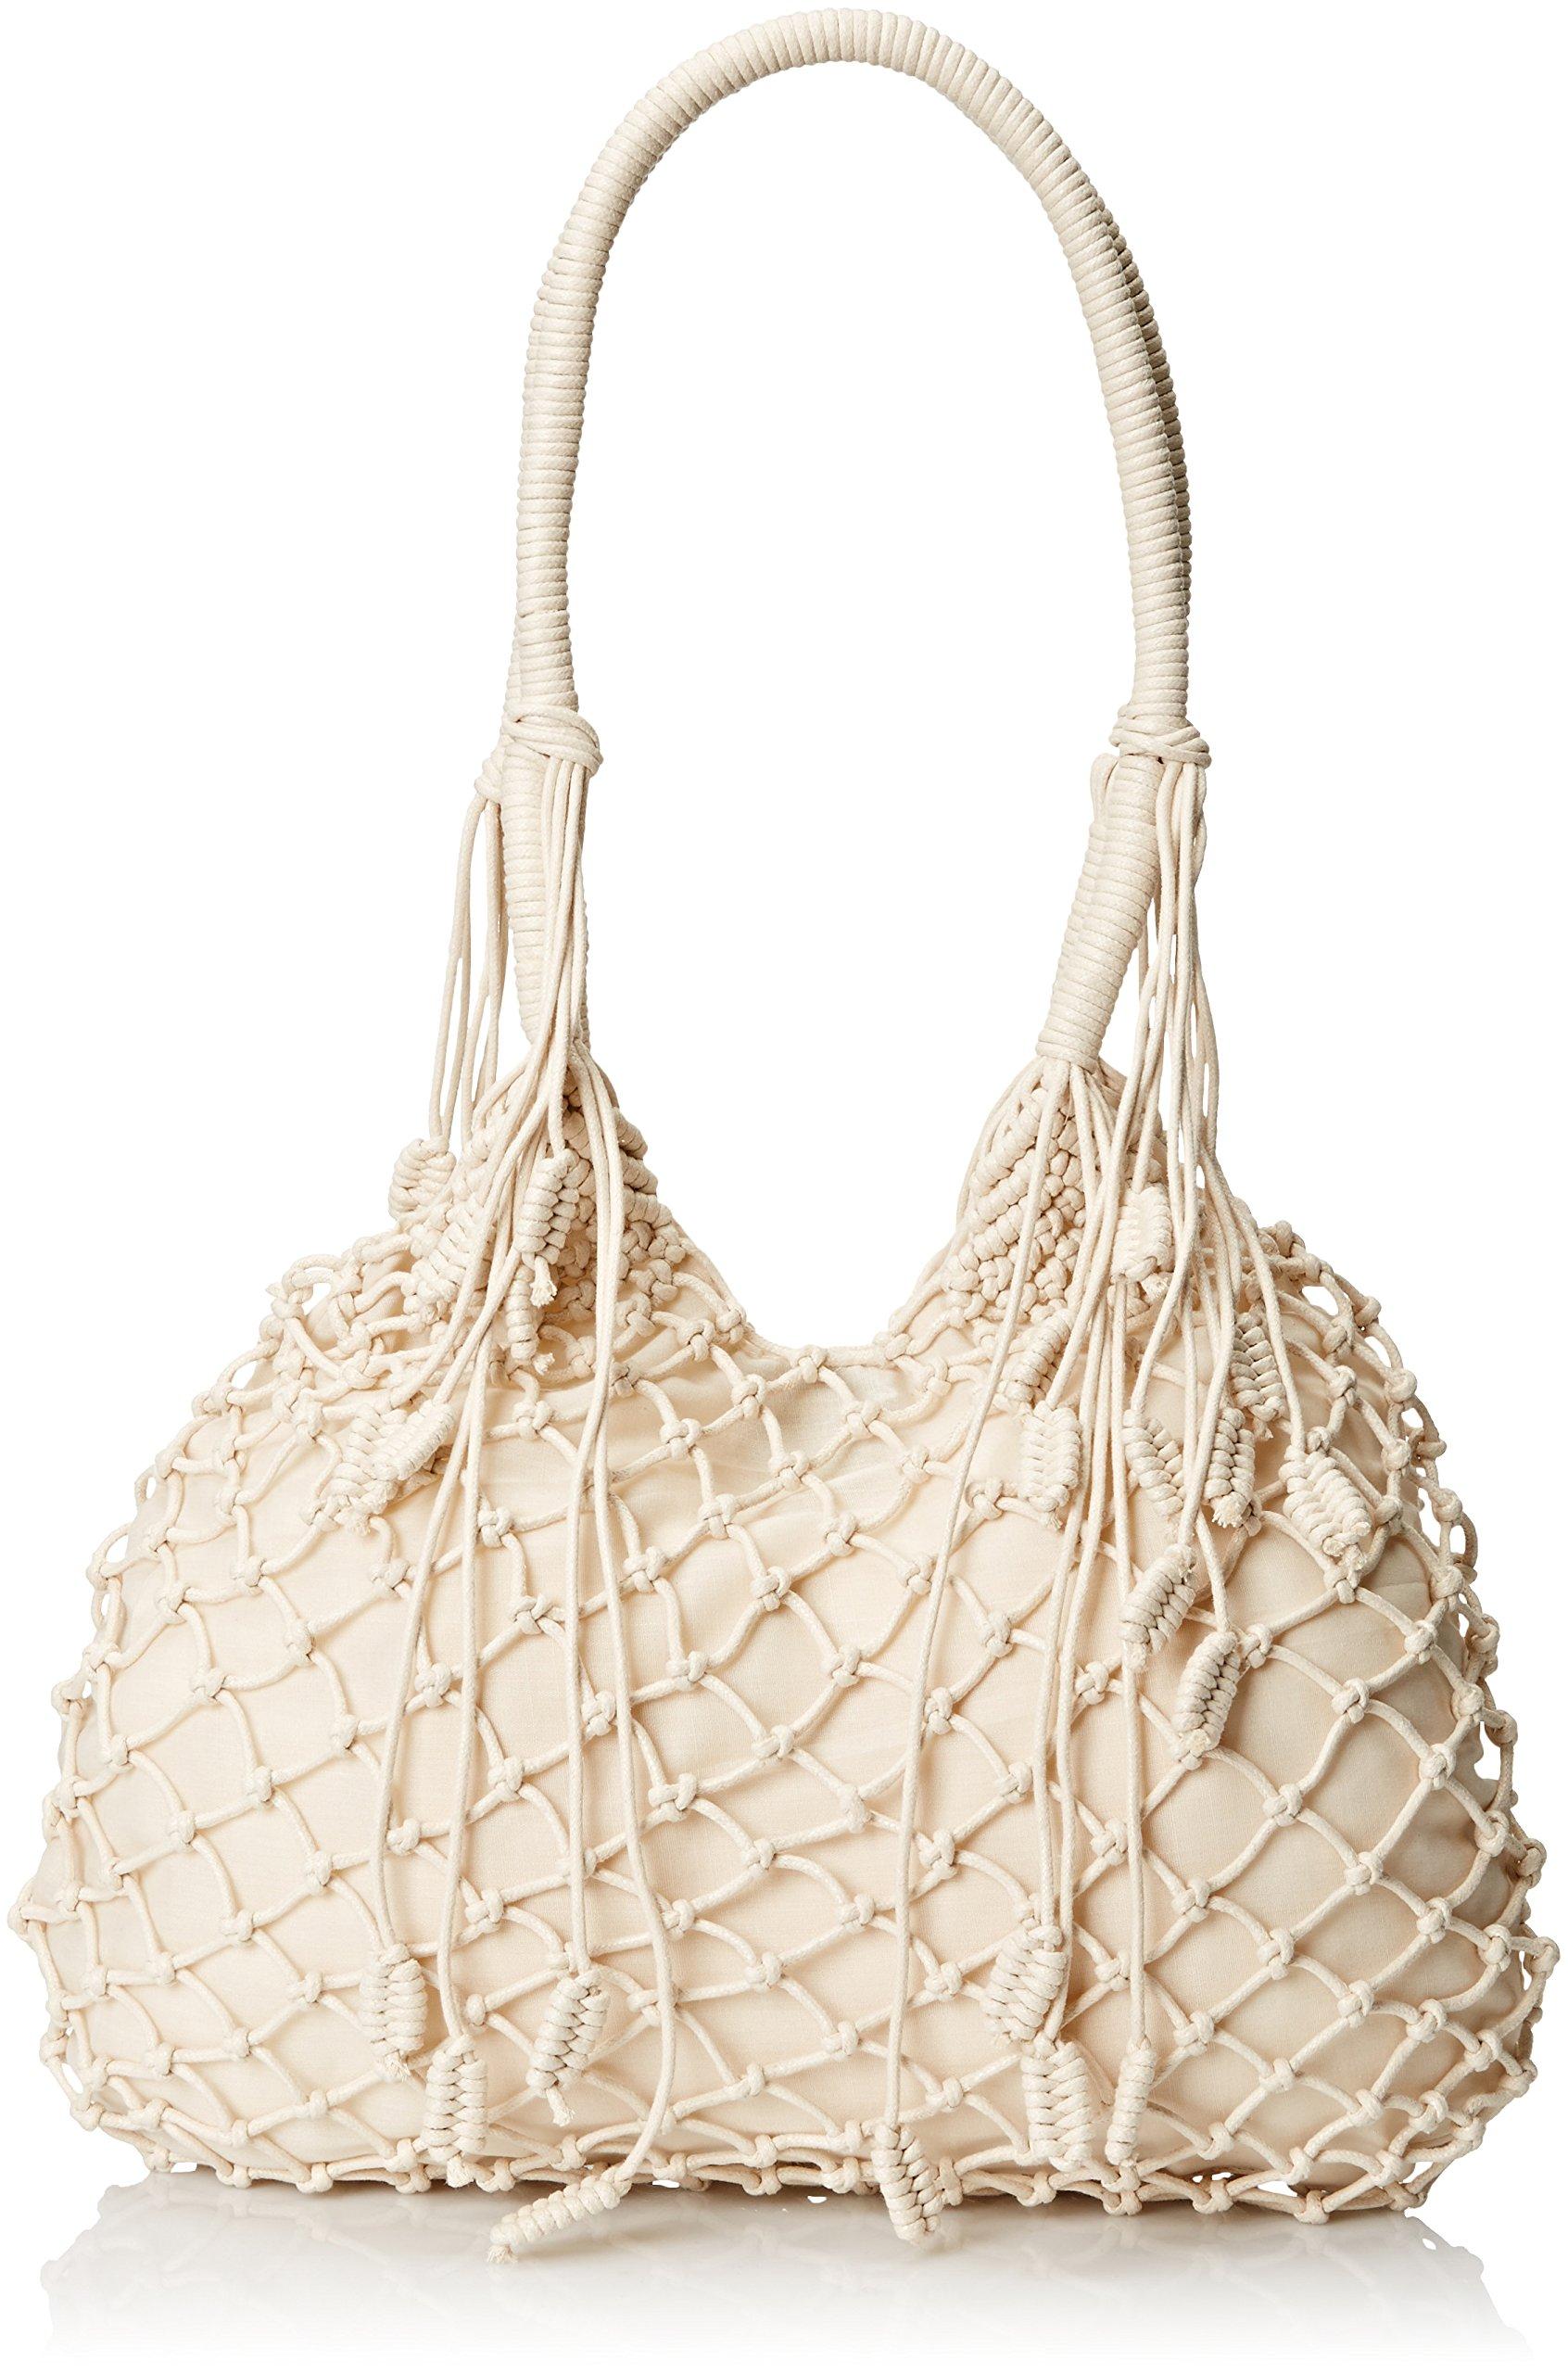 Gottex Women's Seine Cotton Crochet Bag, Ivory, One Size